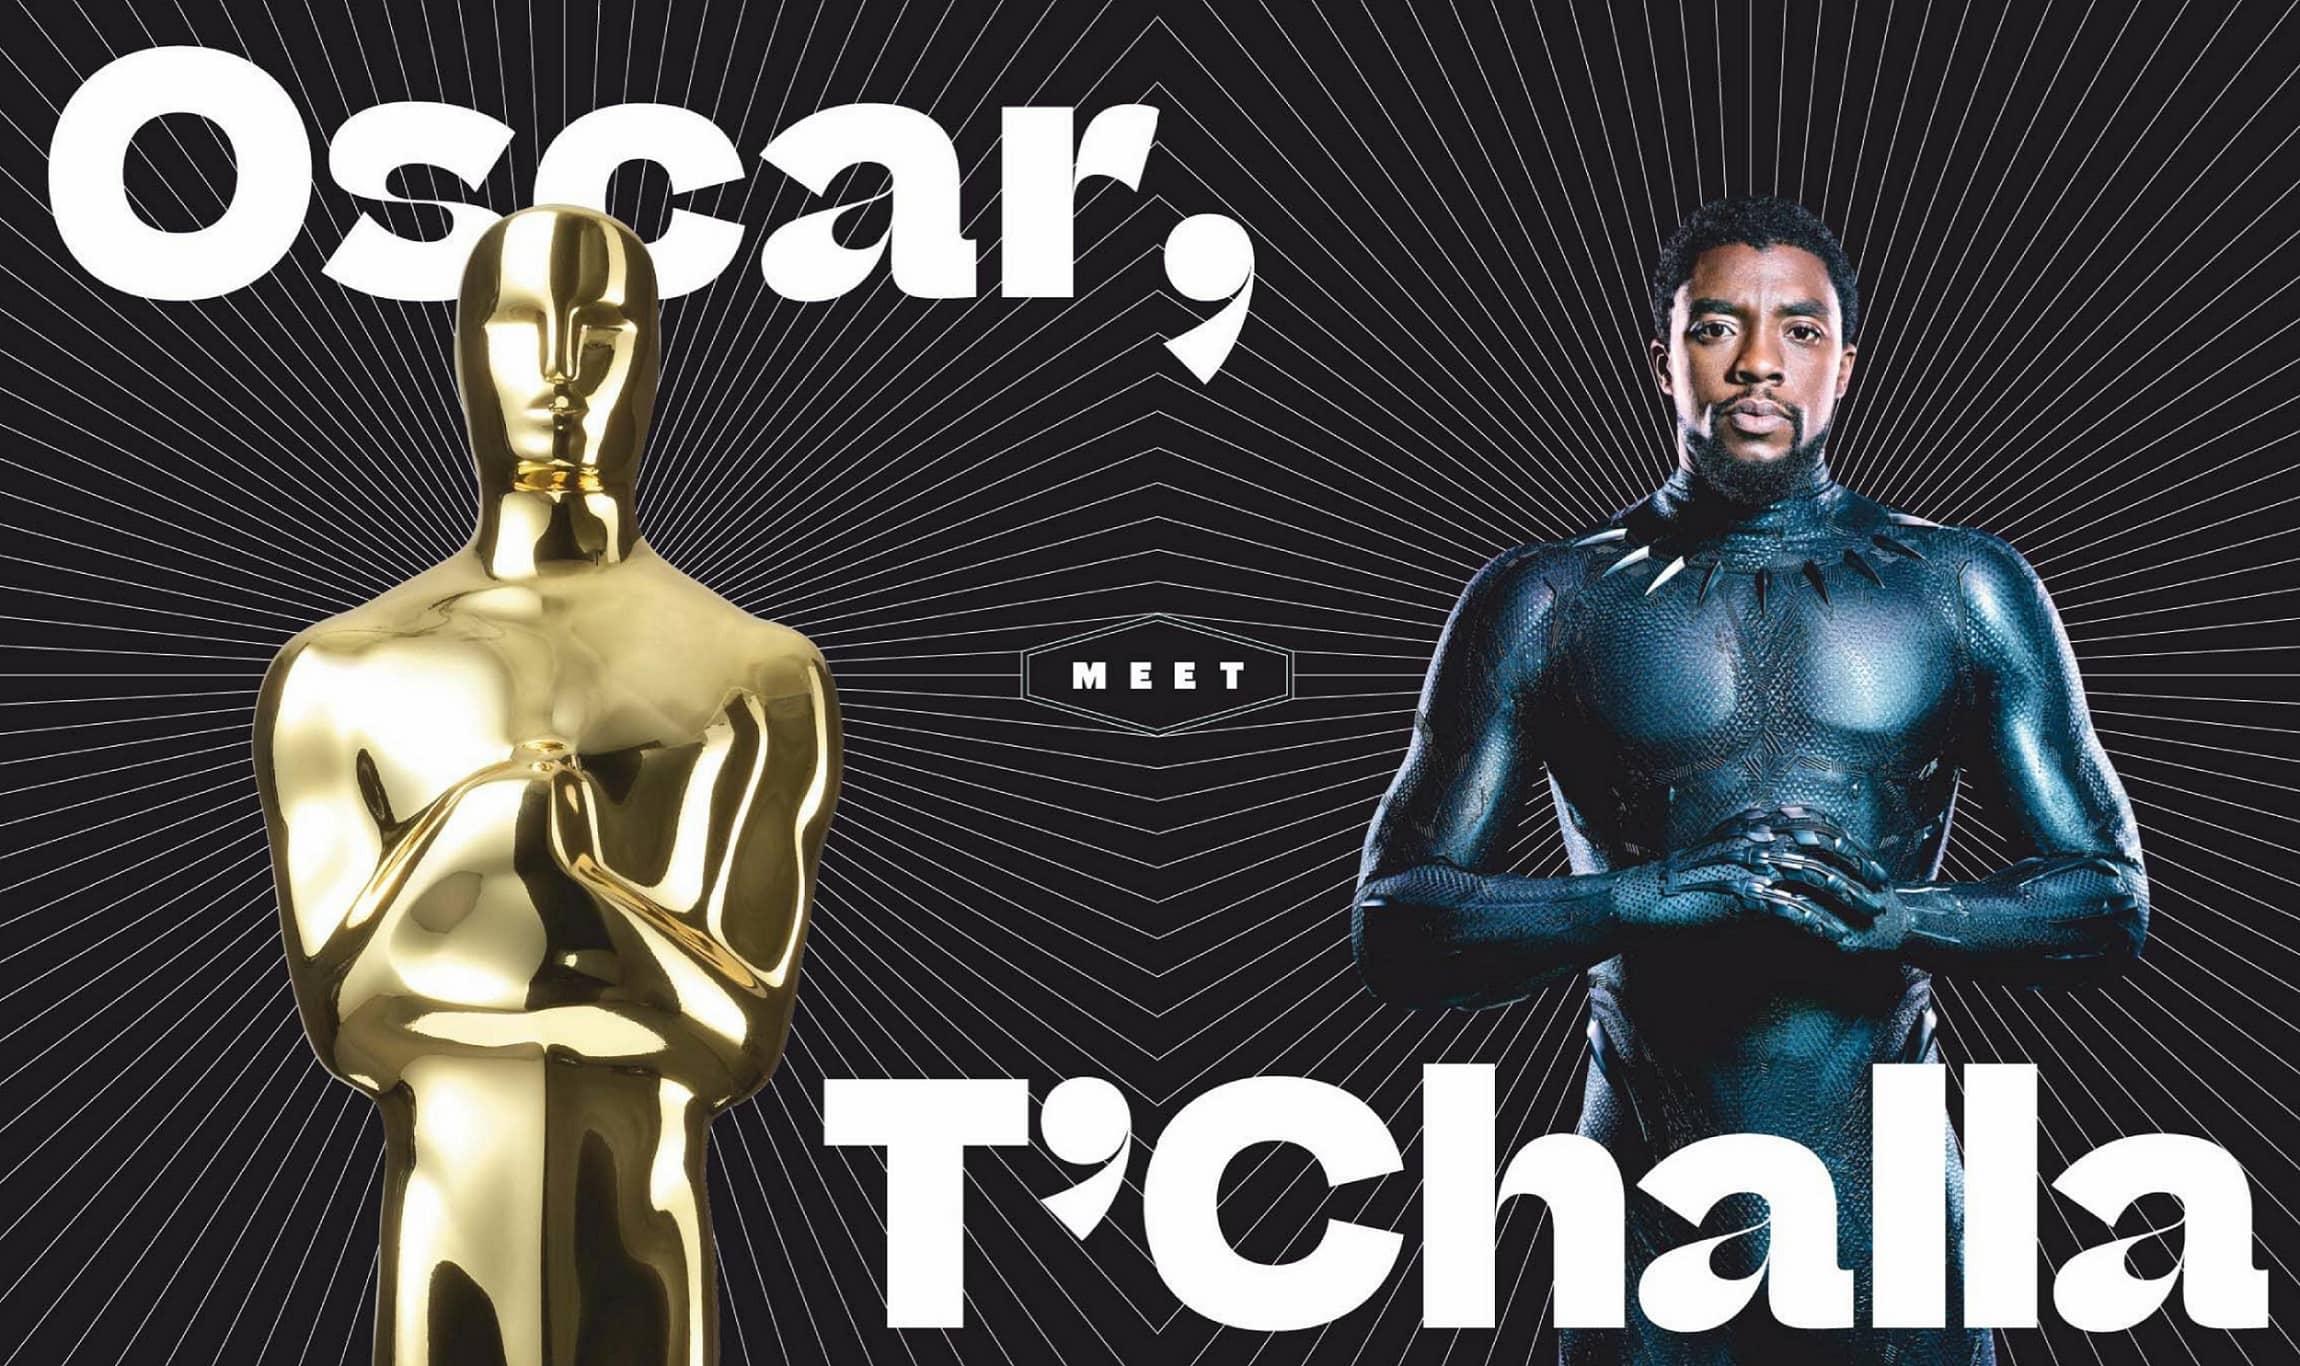 Oscar, Meet T'Challa